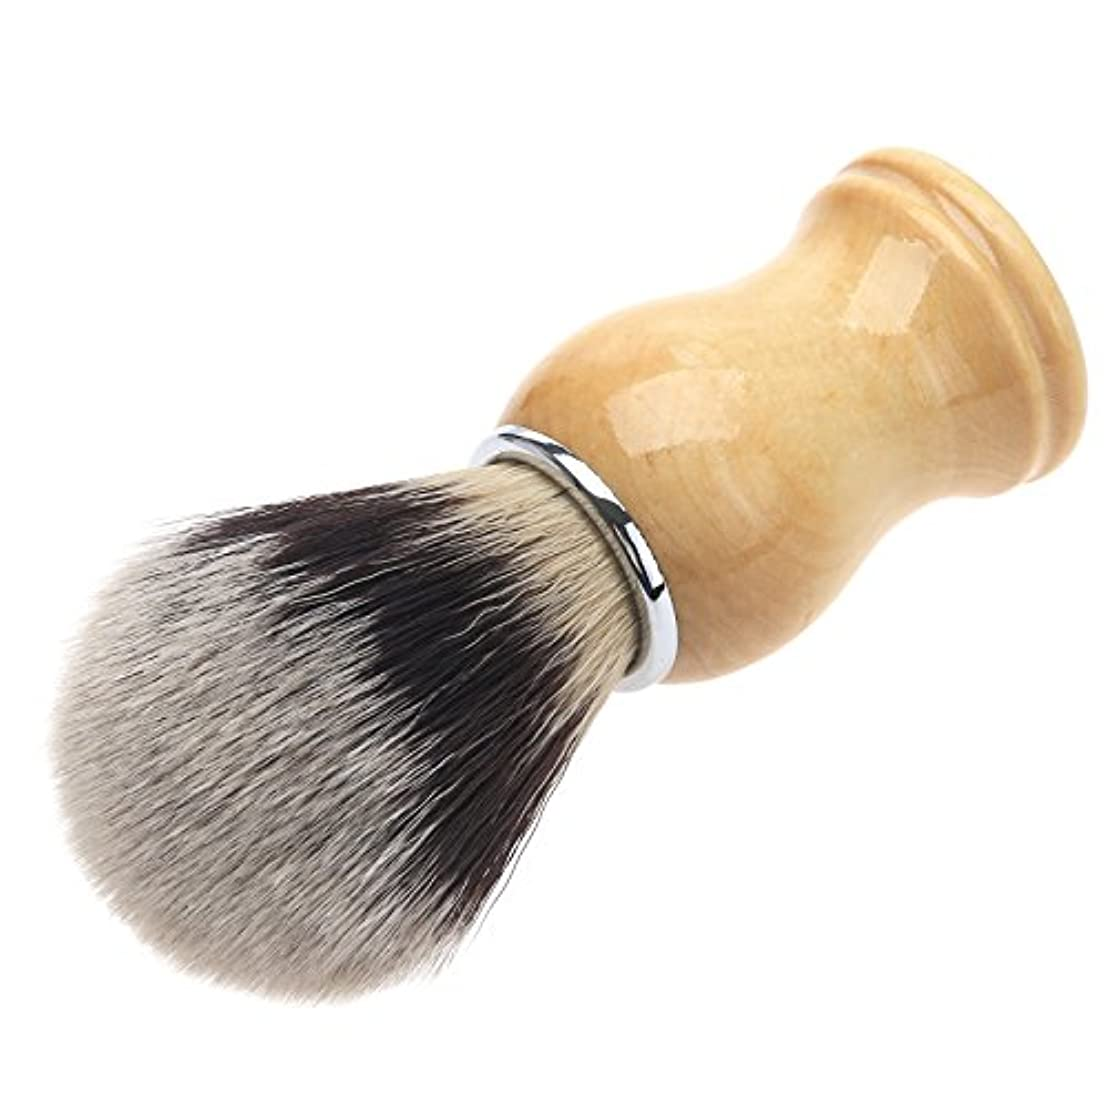 権利を与えるデータベース活気づけるメンズ用 髭剃り ブラシ シェービングブラシ 木製ハンドル 男性 ギフト理容 洗顔 髭剃り